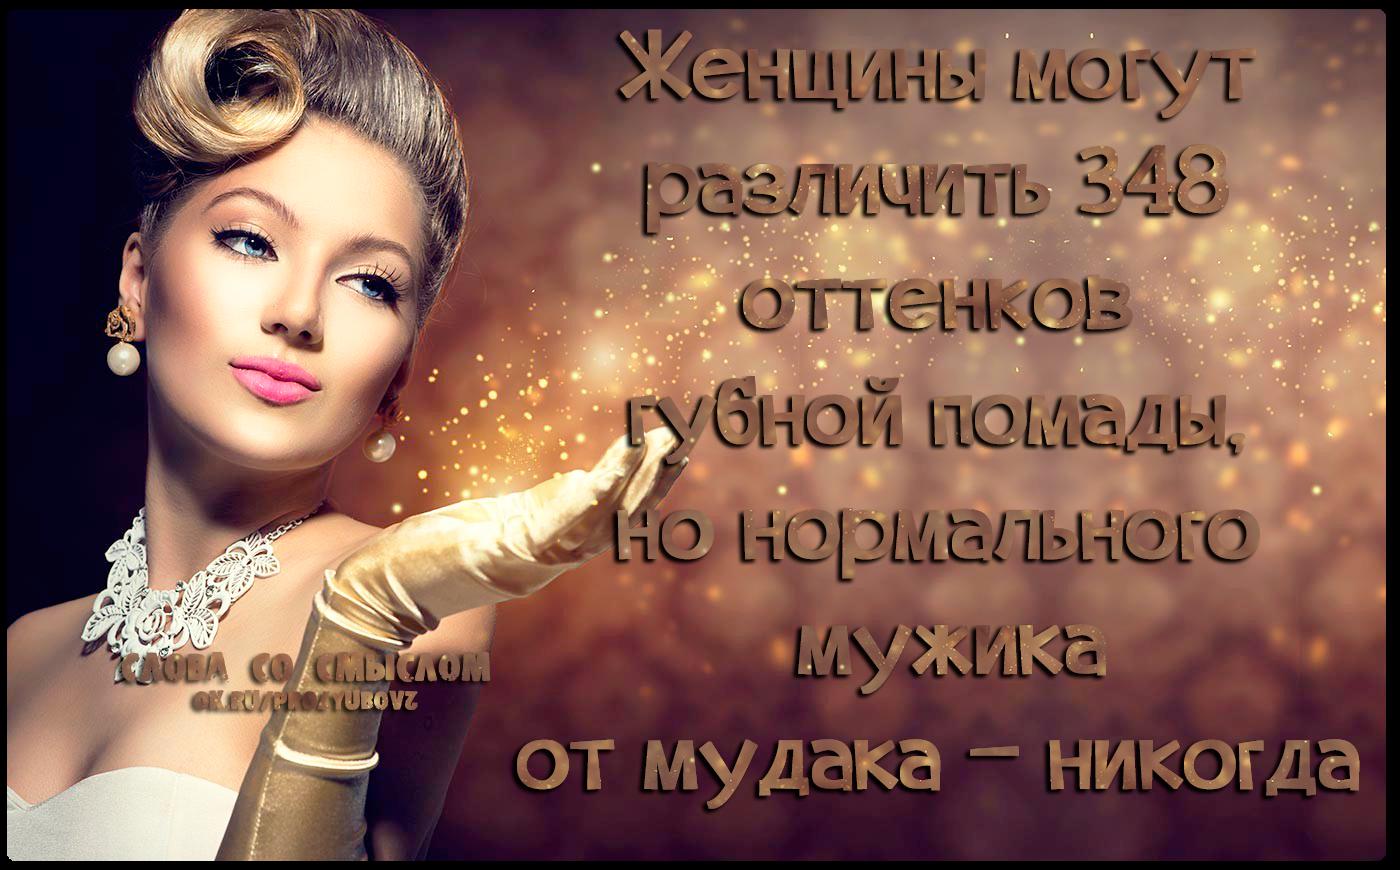 Статусы про себя любимую стервочку - Афоризмо.ru